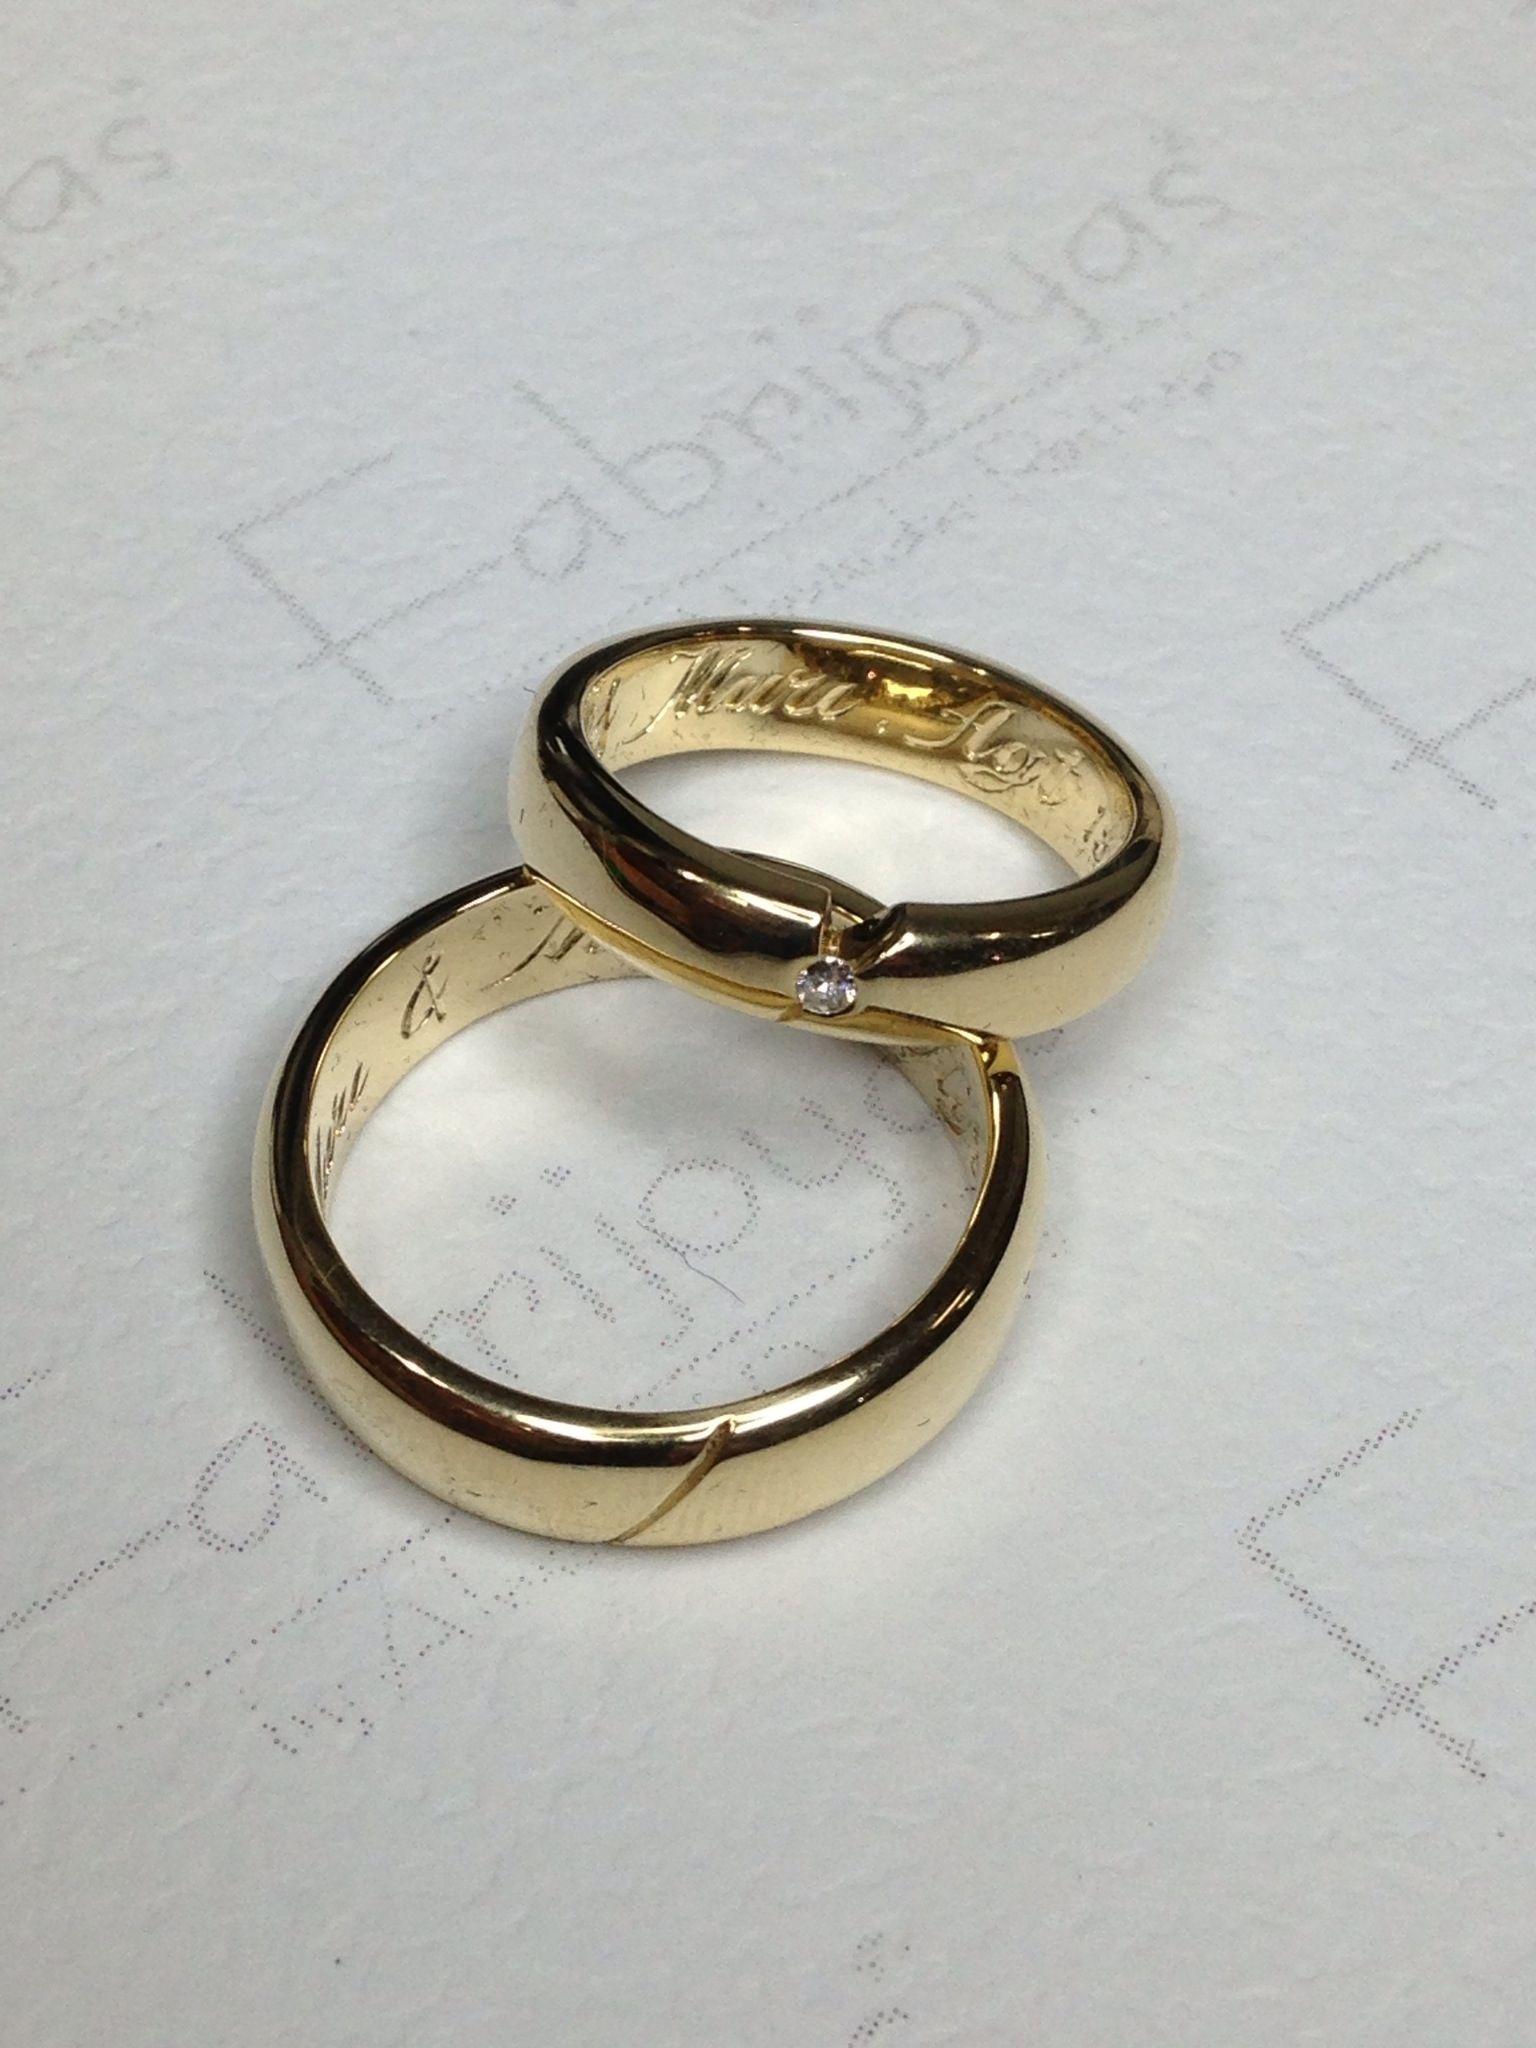 Argollas para matrimonio oro amarillo 18k ella con diamante de 0.05 ct. (Fabrijoyas)